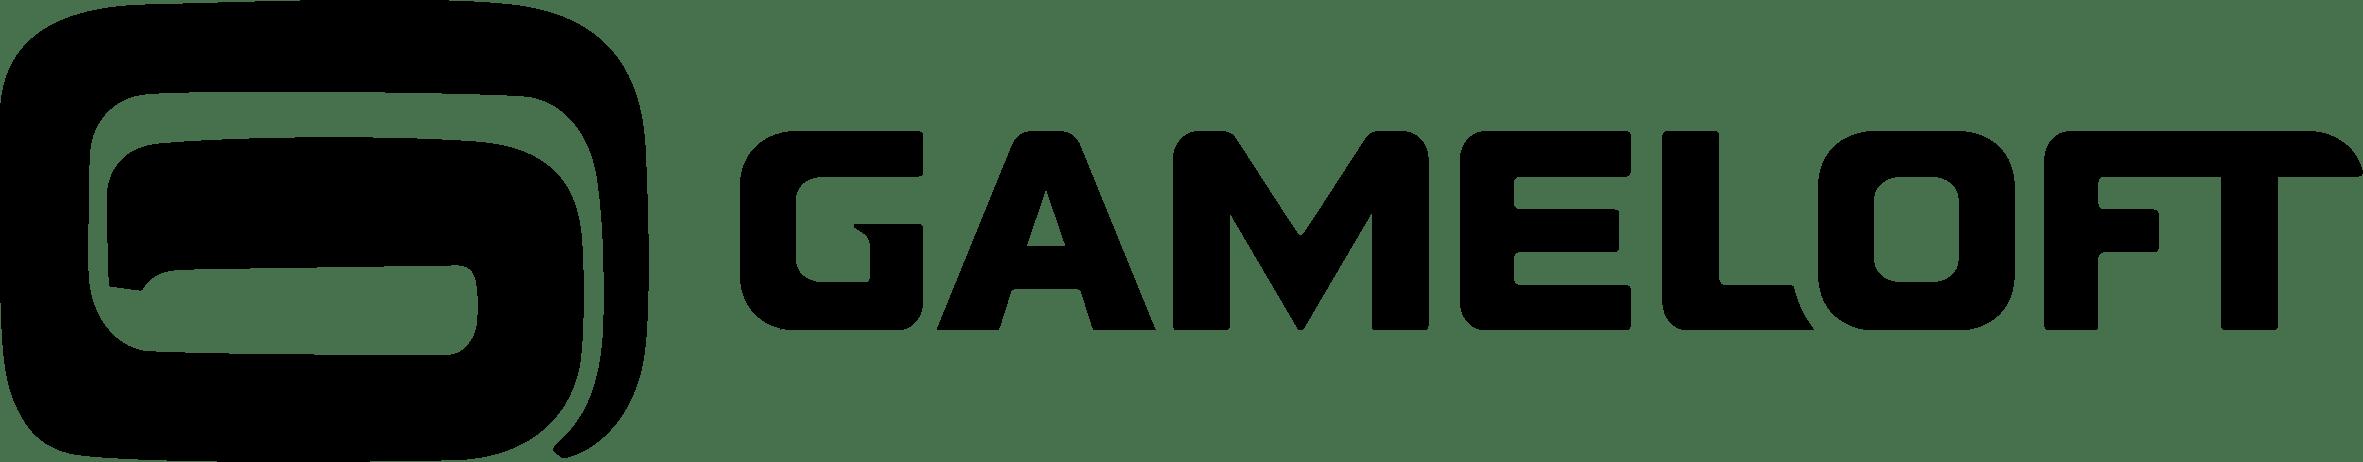 Logotipo de Gameloft